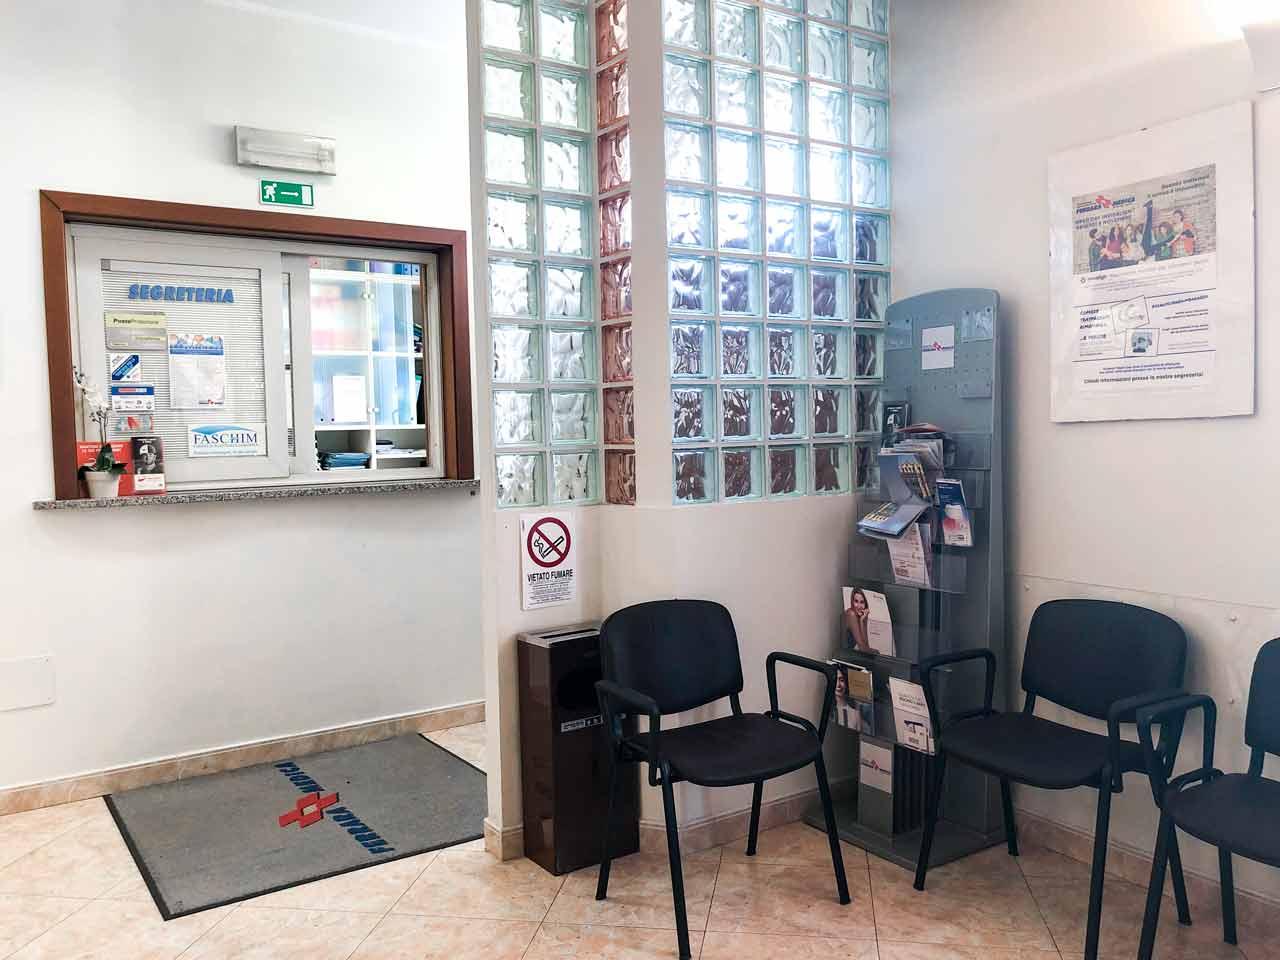 sala-d'attesa-e-segreteria-Ferrara Medica - poliambulatorio specialistico privato a Ferrara (FE)